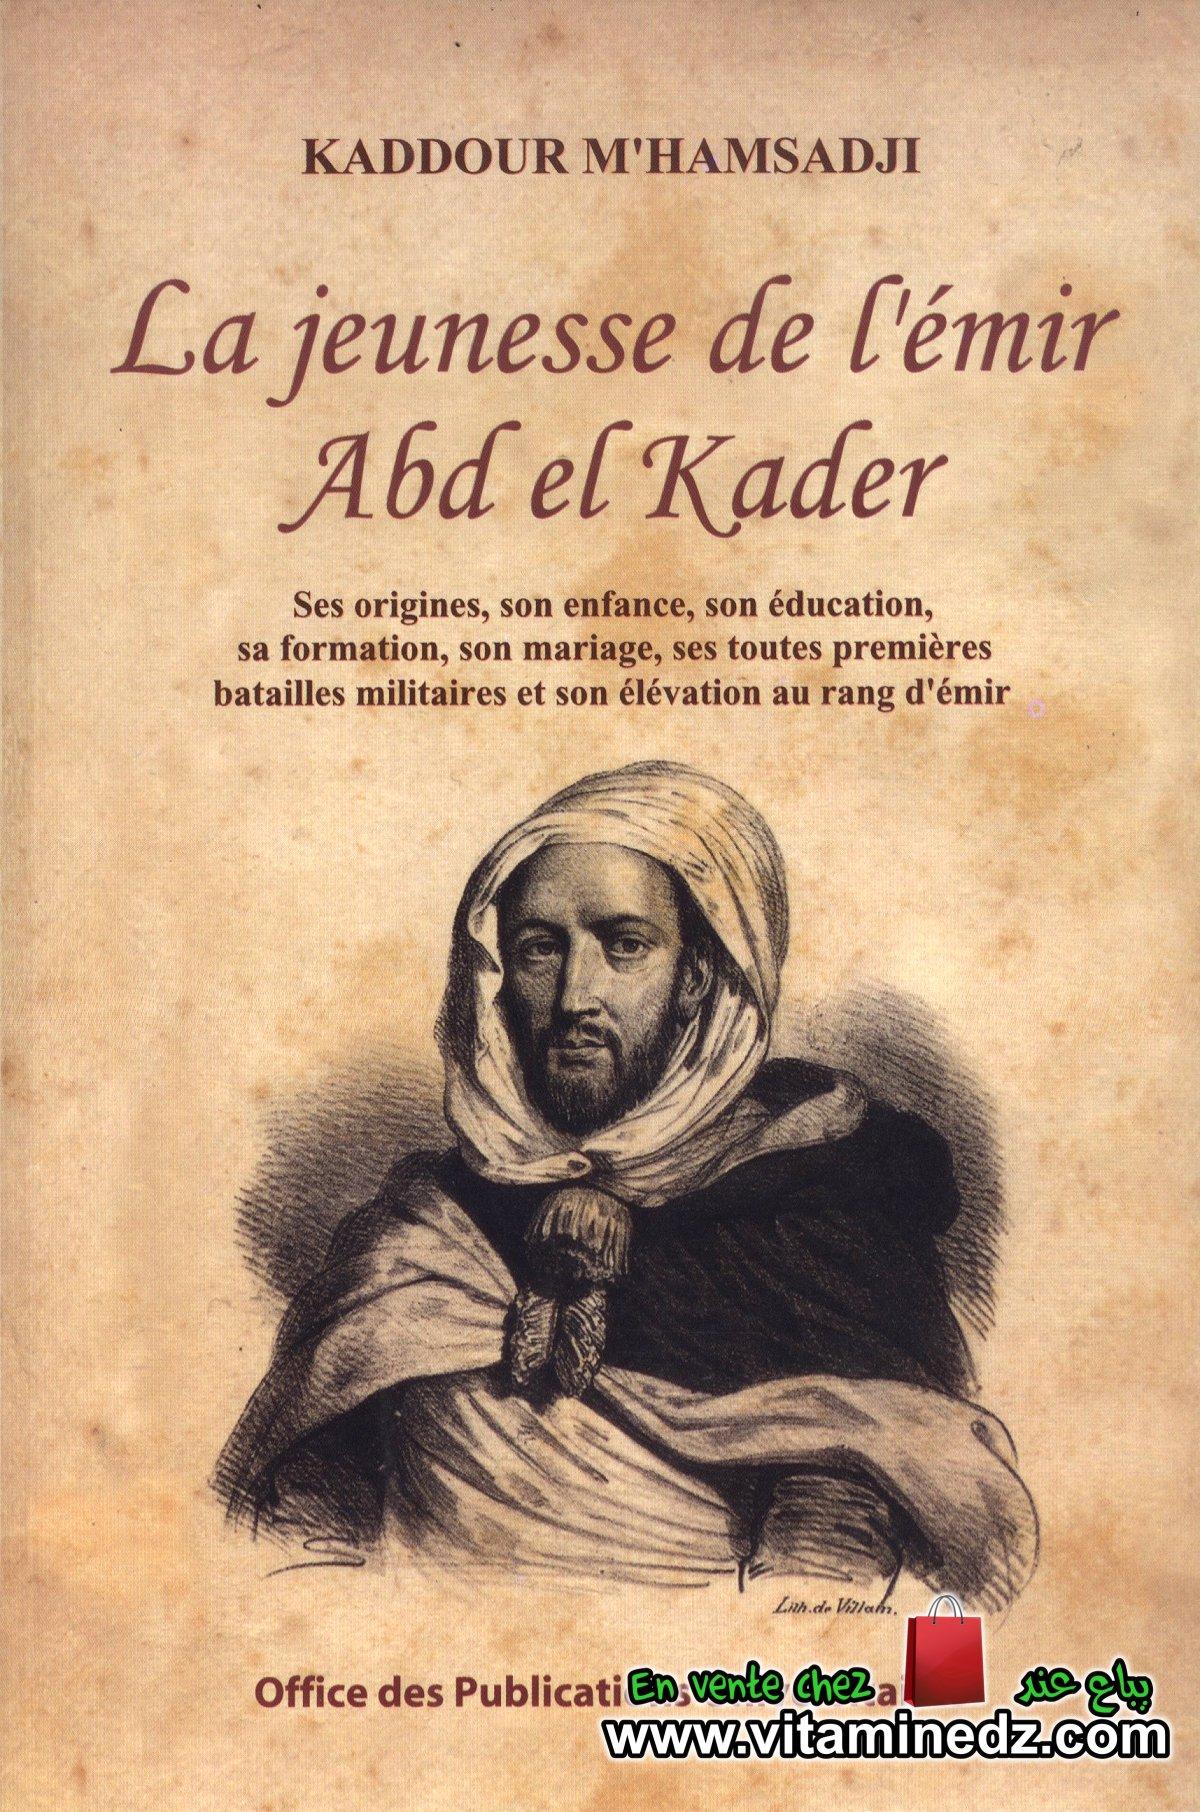 Kaddour M'Hamsadji - La jeunesse de l'émir Abd el Kader